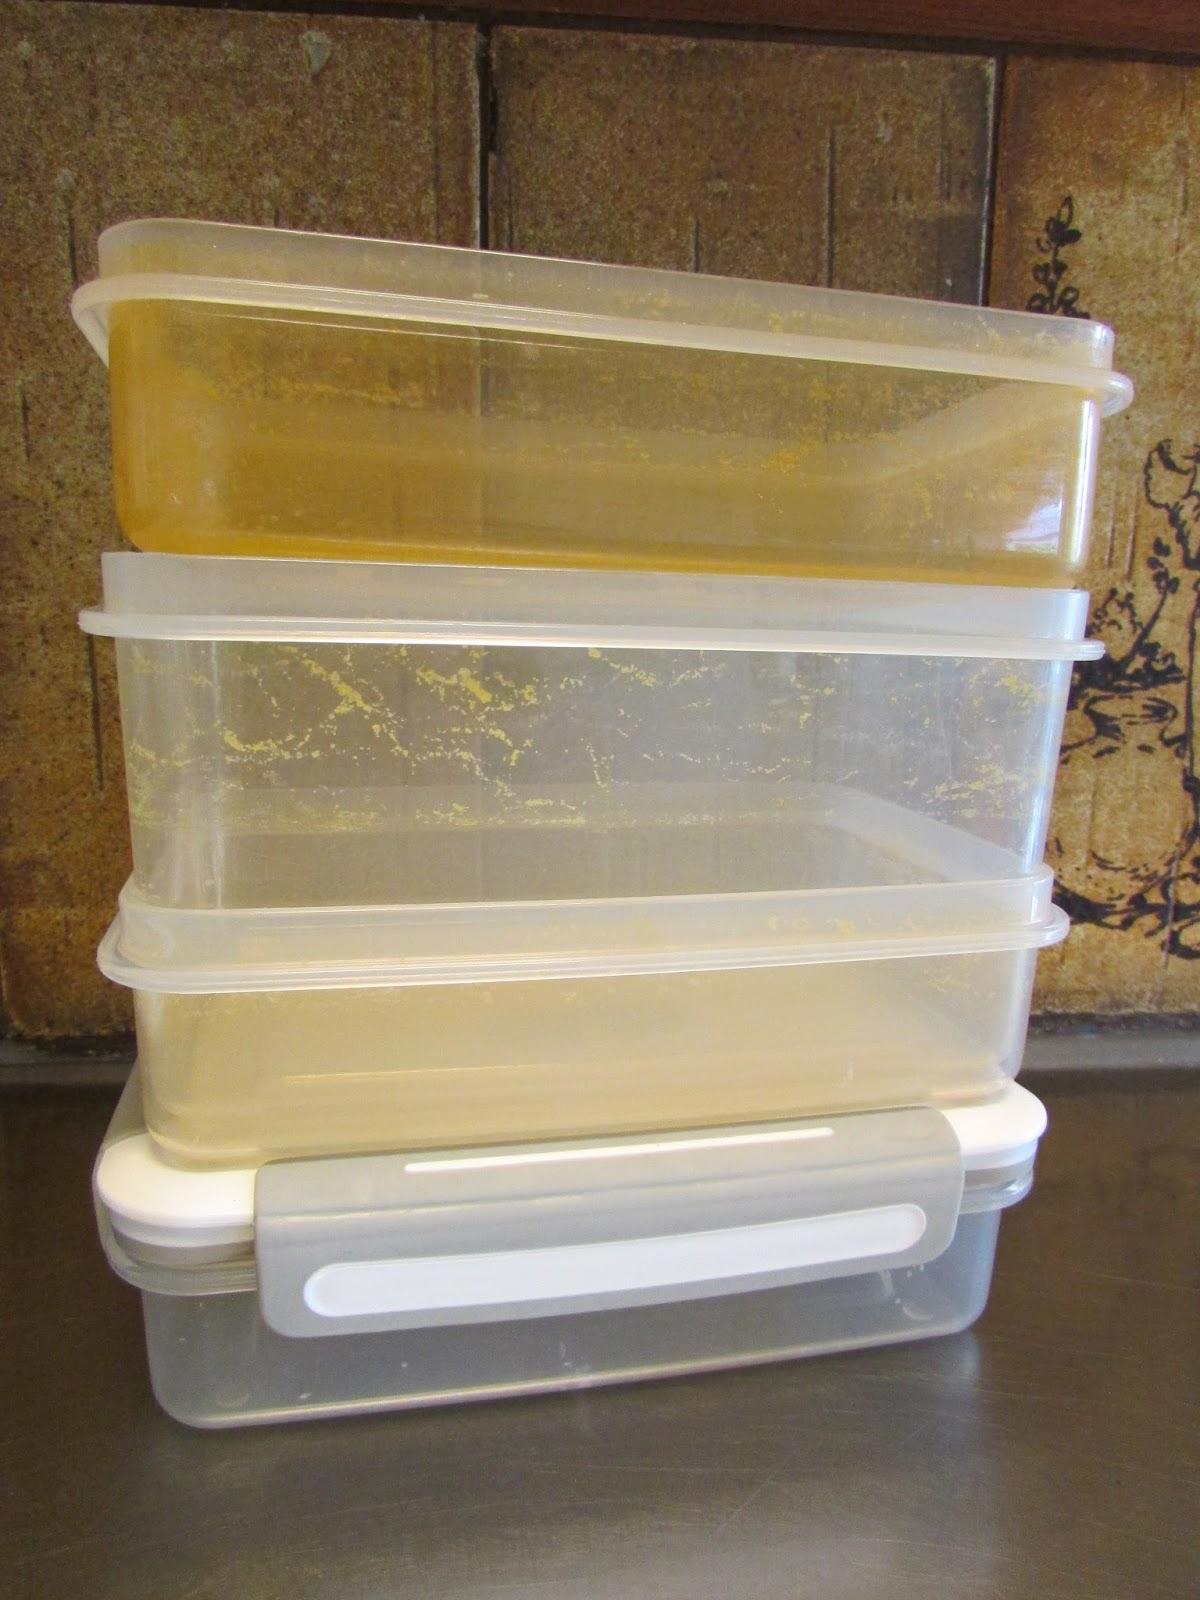 plastbeholdere til mad